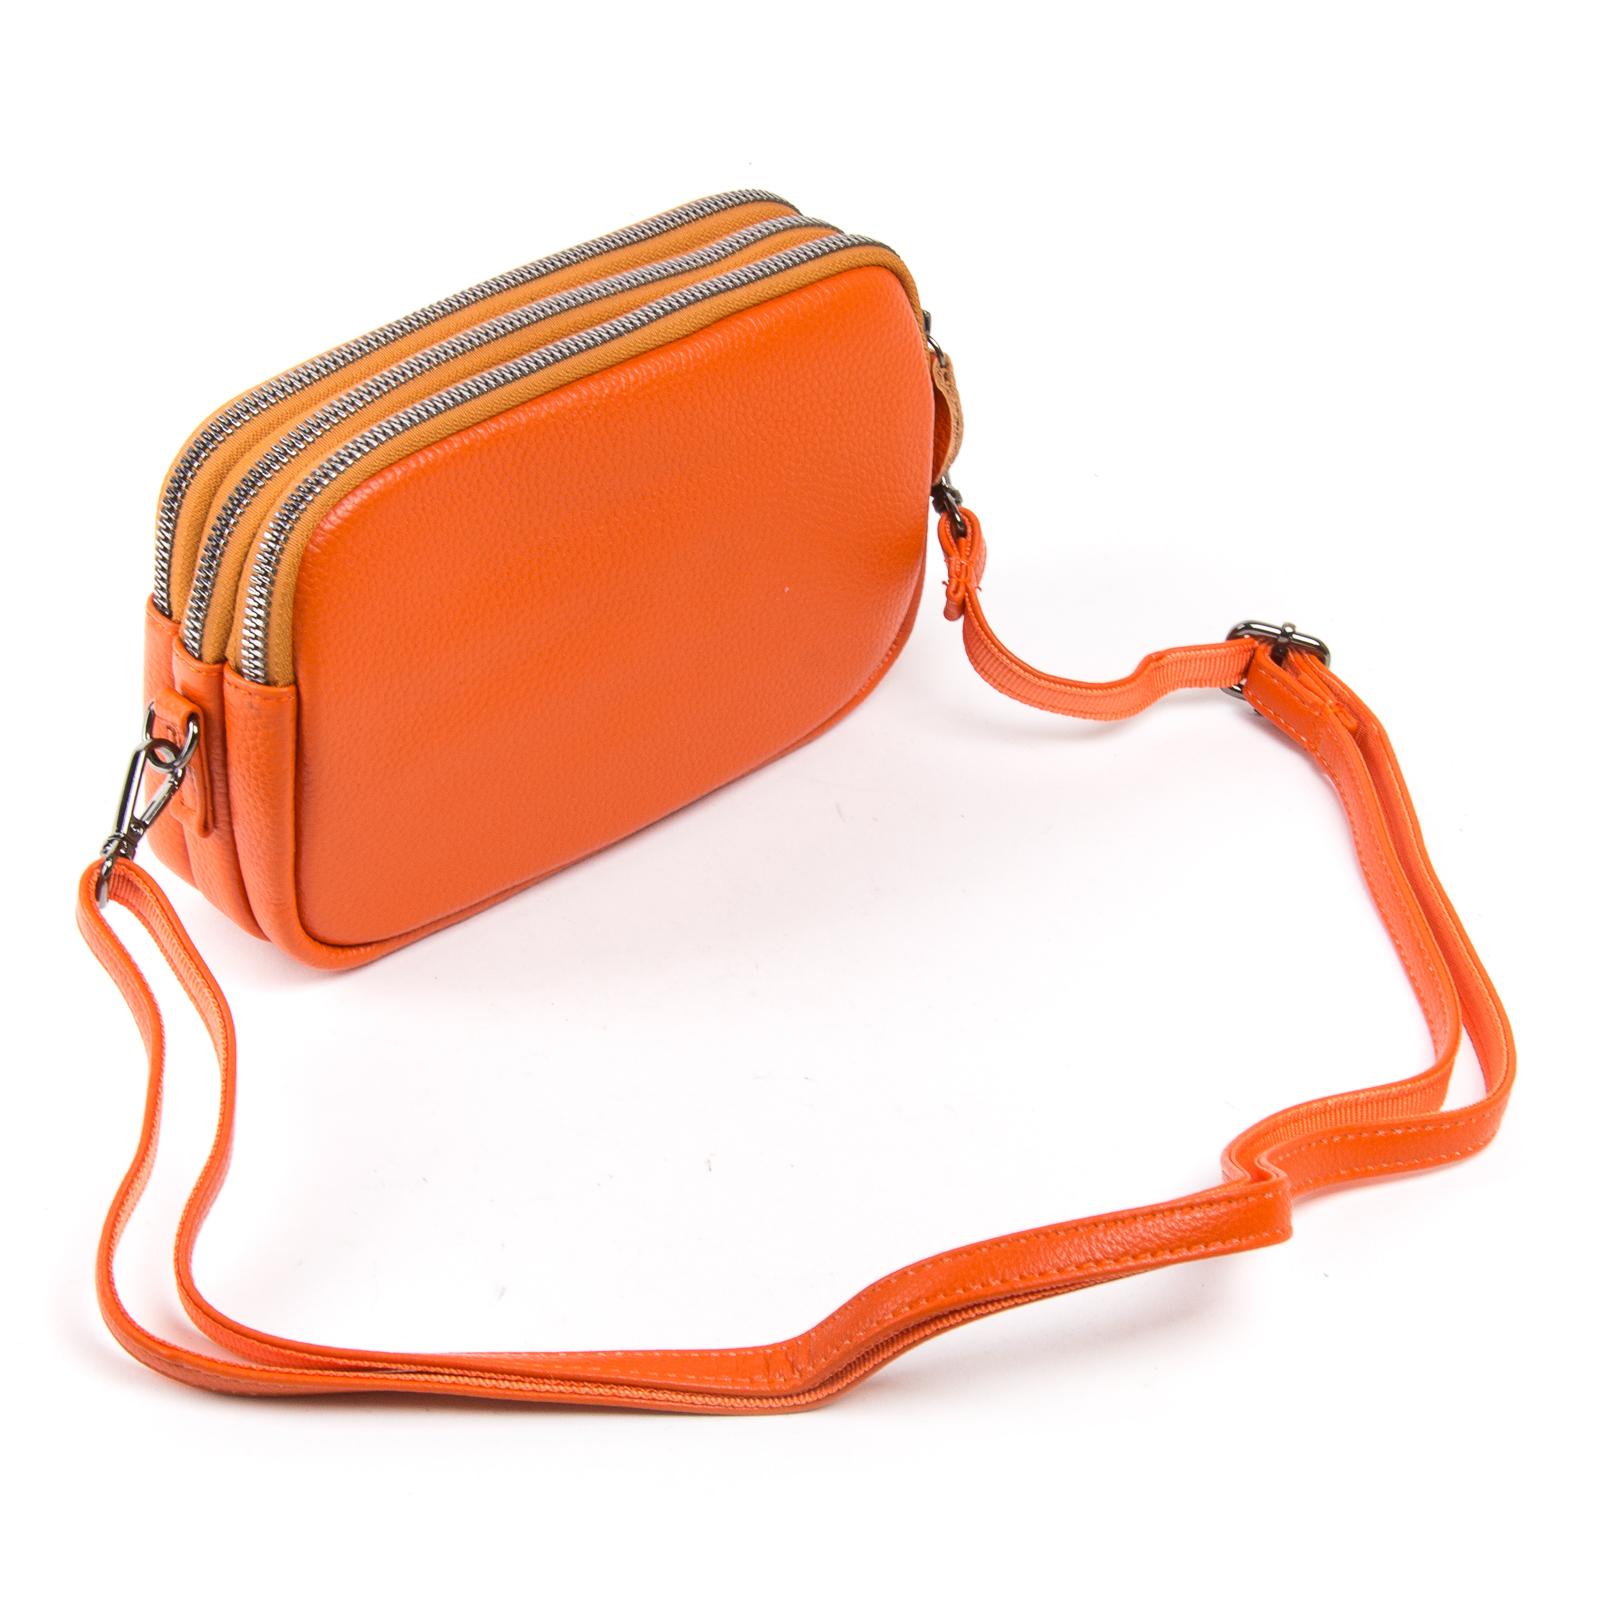 Сумка Женская Клатч кожа ALEX RAI 1-02 60061-10 orange - фото 3